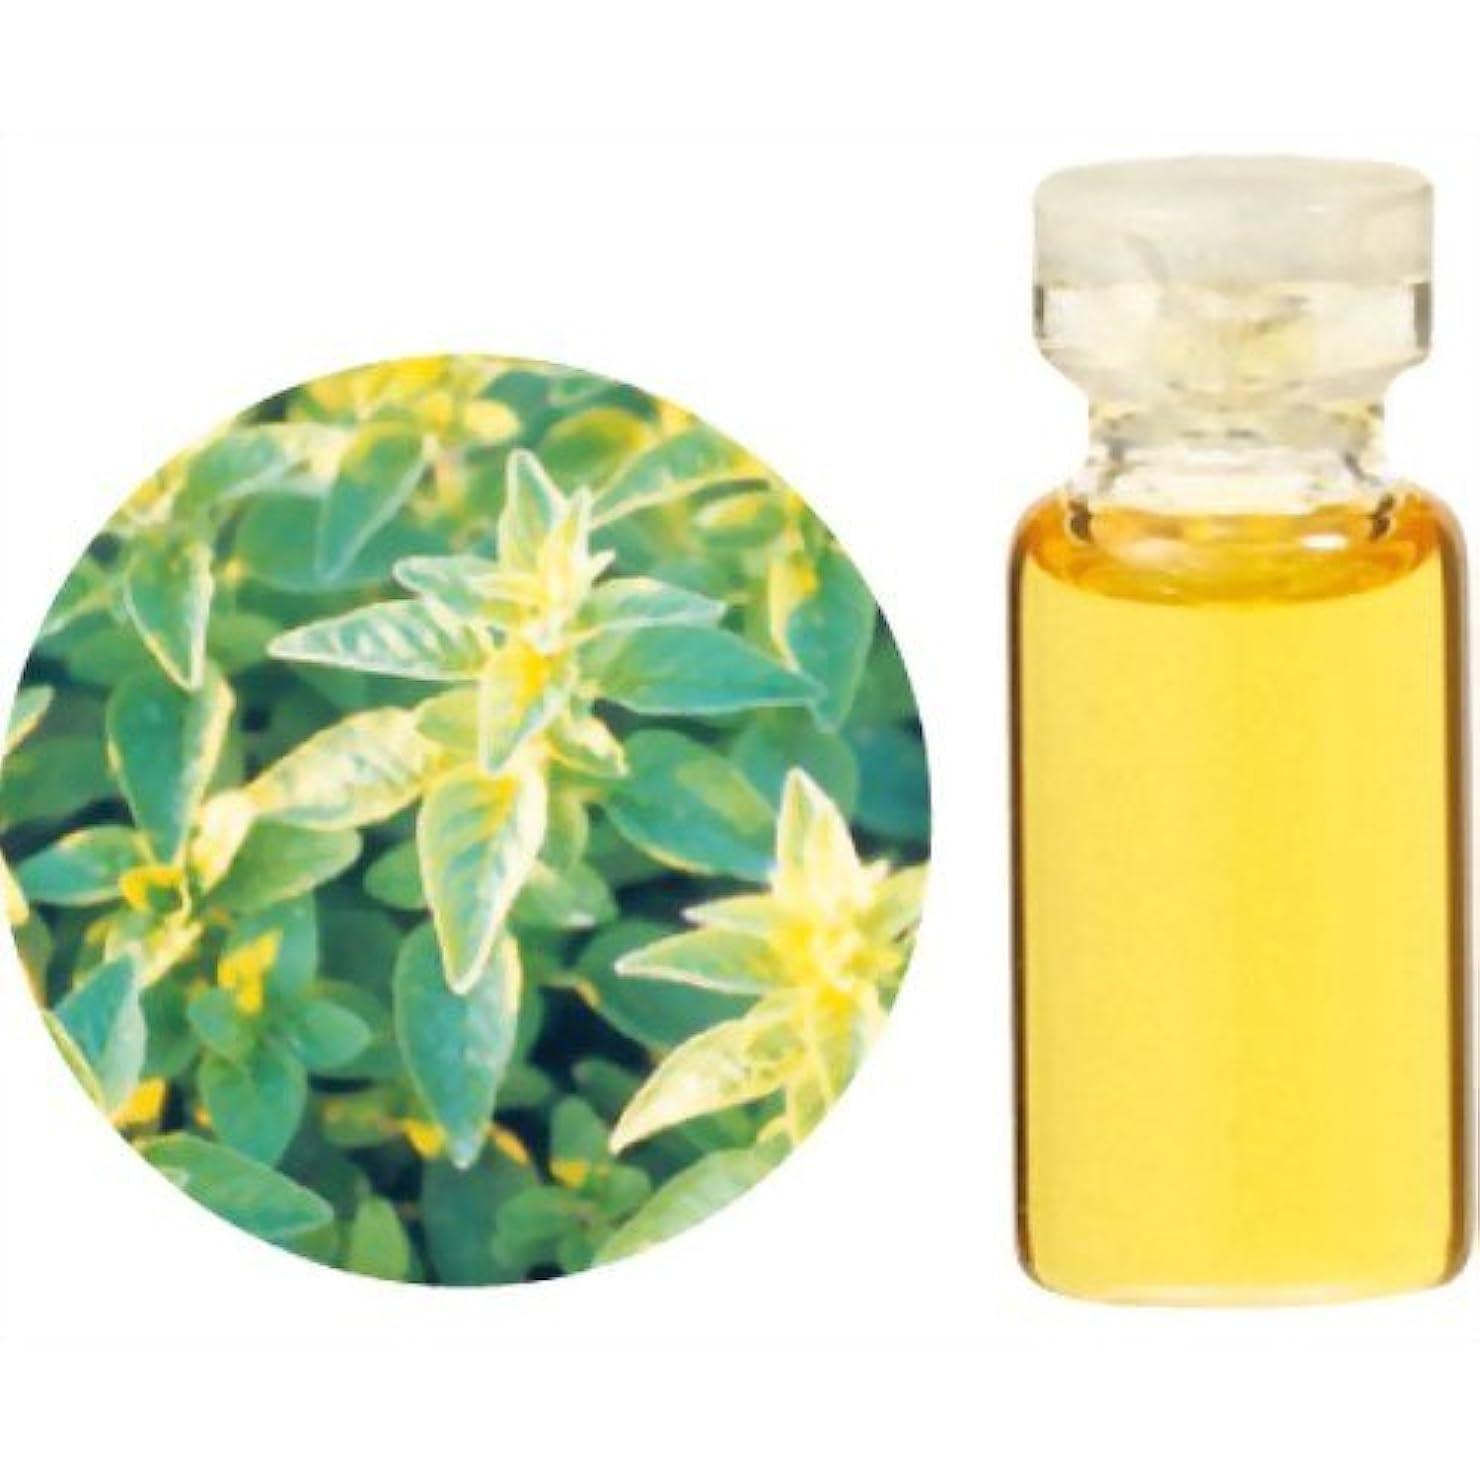 独立して豆貧しい生活の木 Herbal Life レアバリューオイル メリッサ 1ml